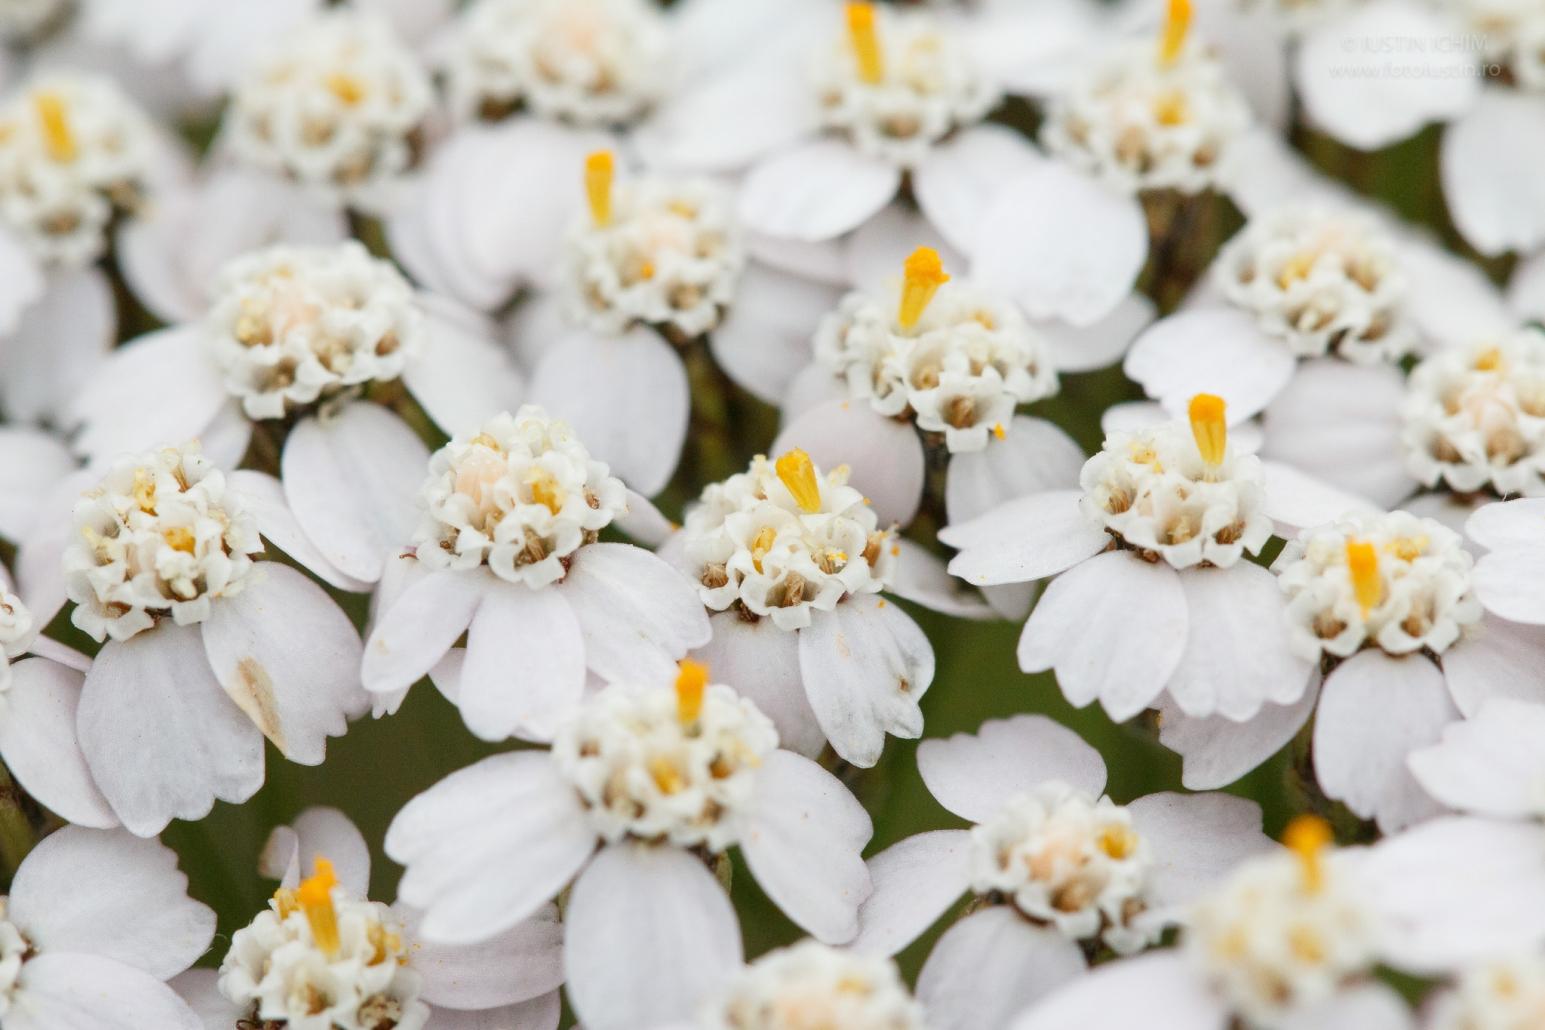 Coada șoricelului, Achillea millefolium, fam. Asteraceae, plantă medicinală.